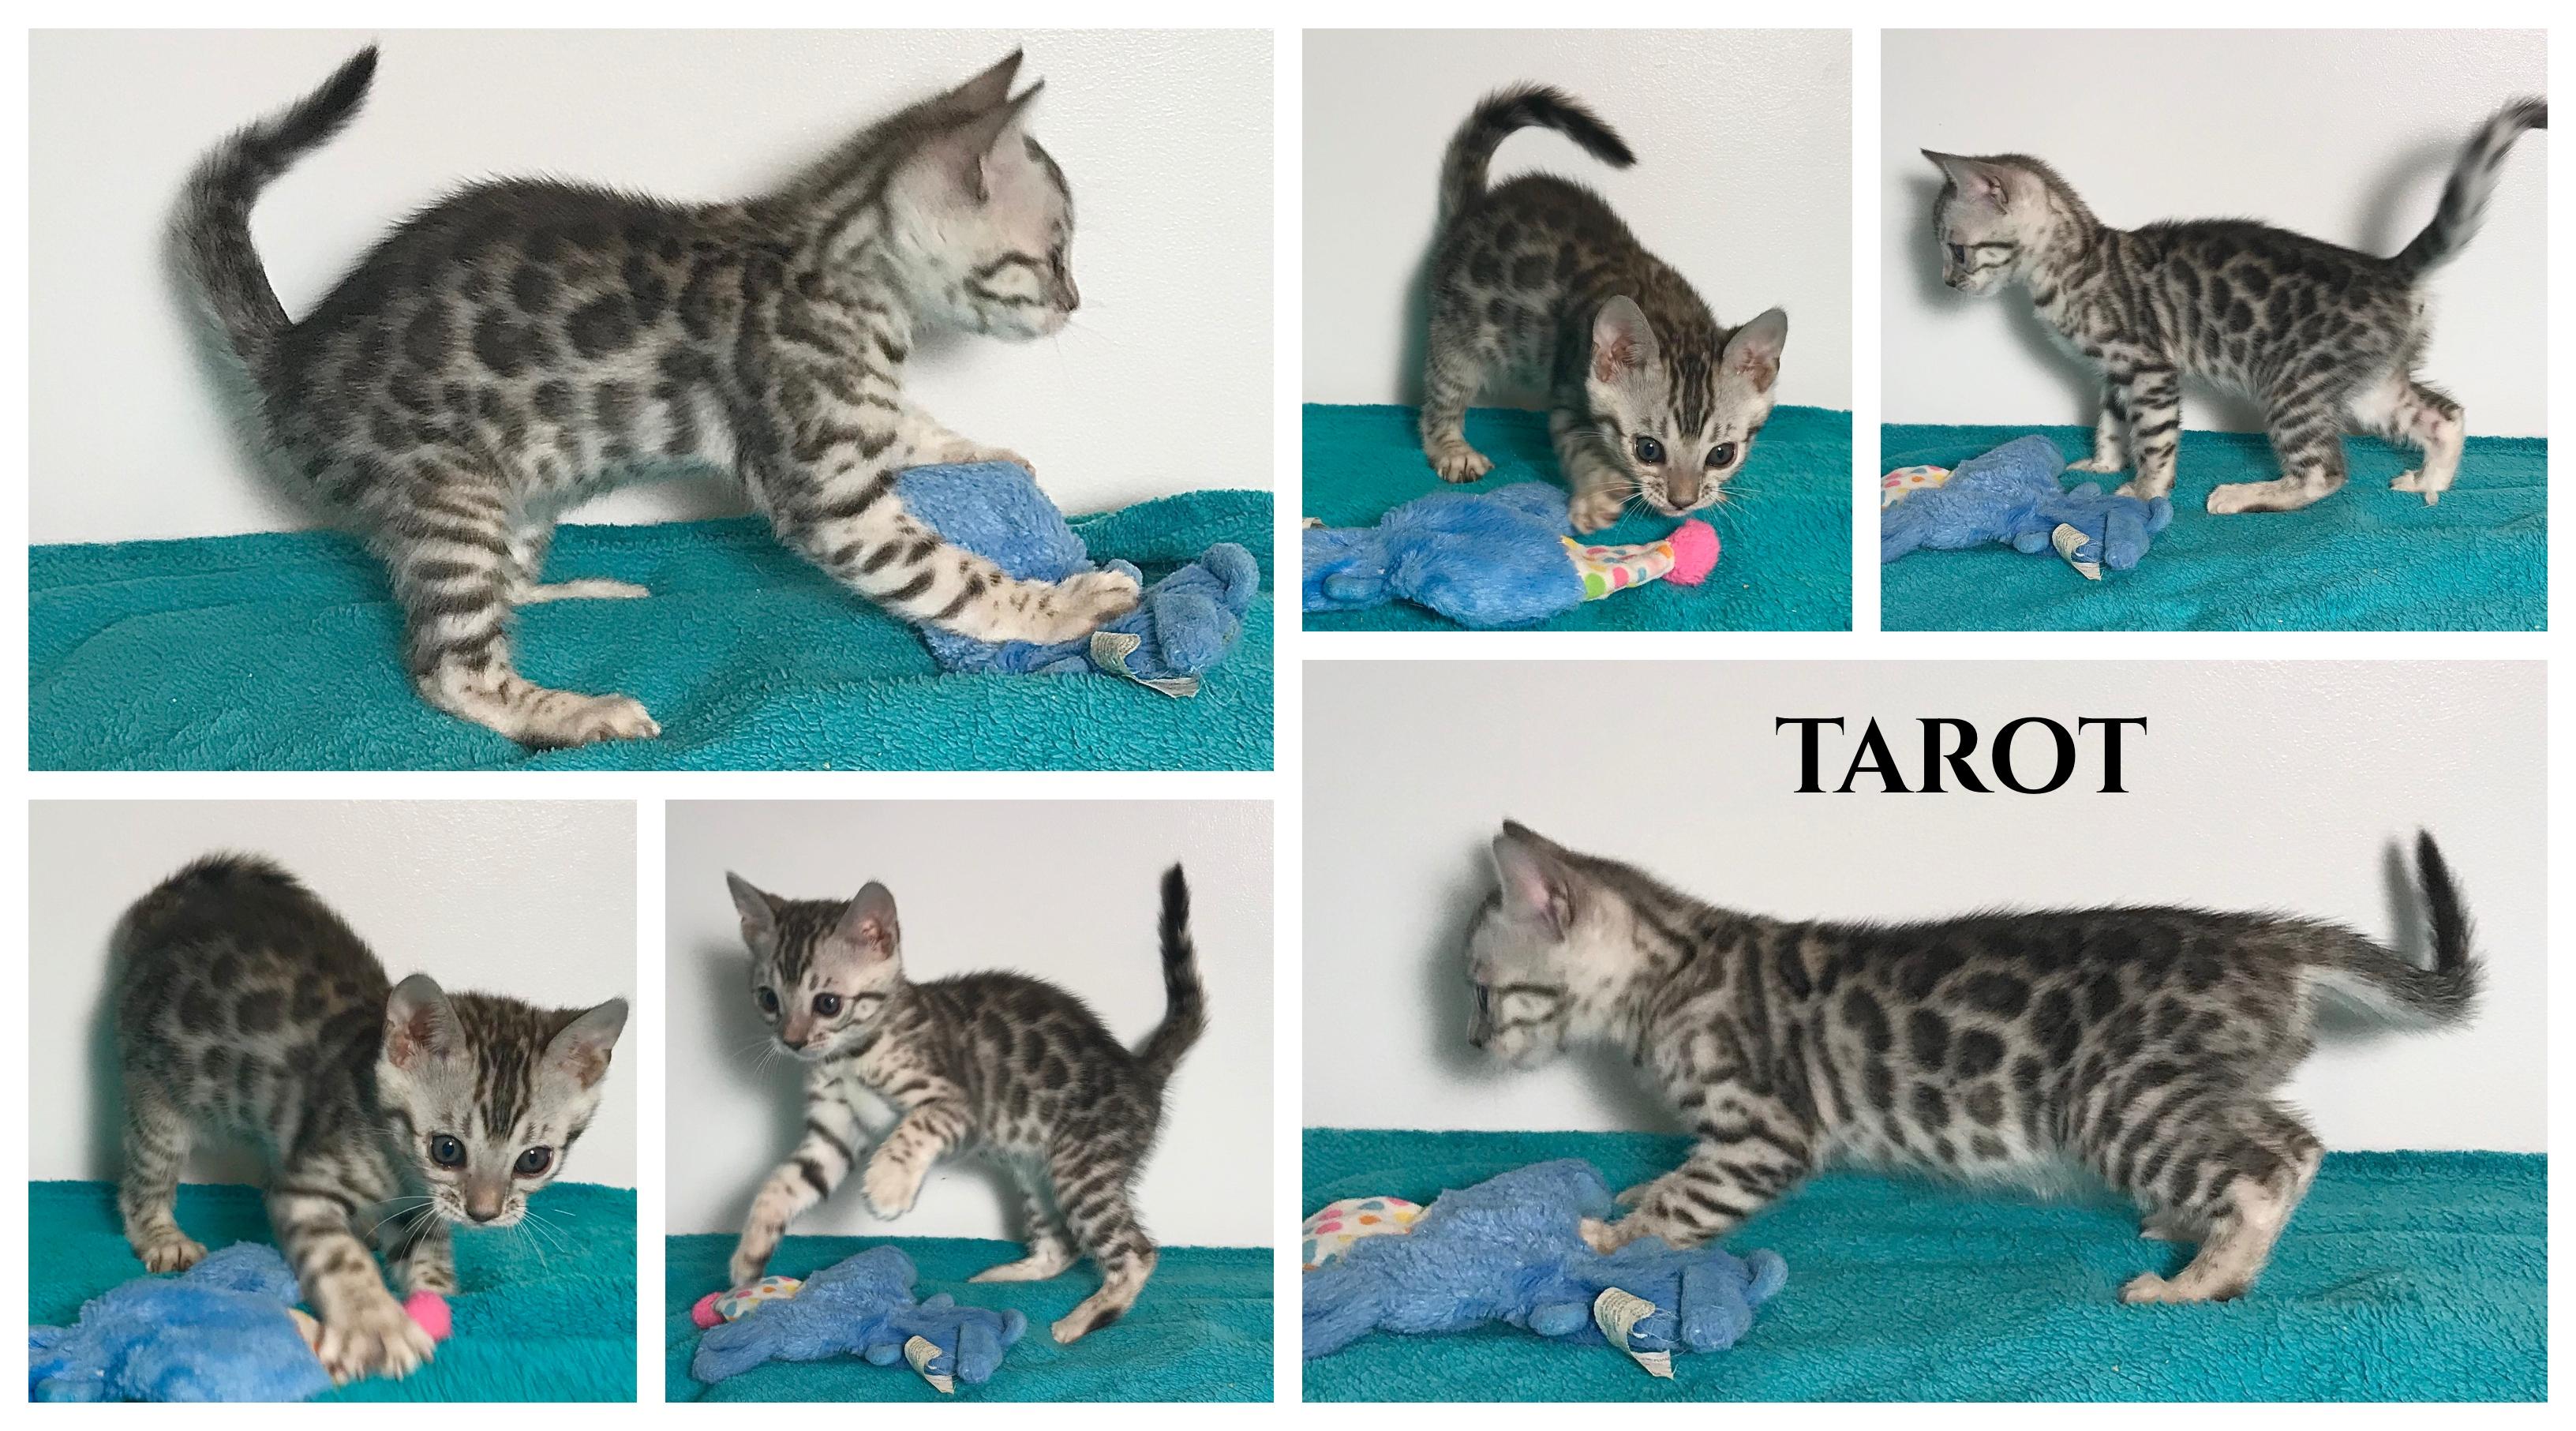 Tarot 7 weeks